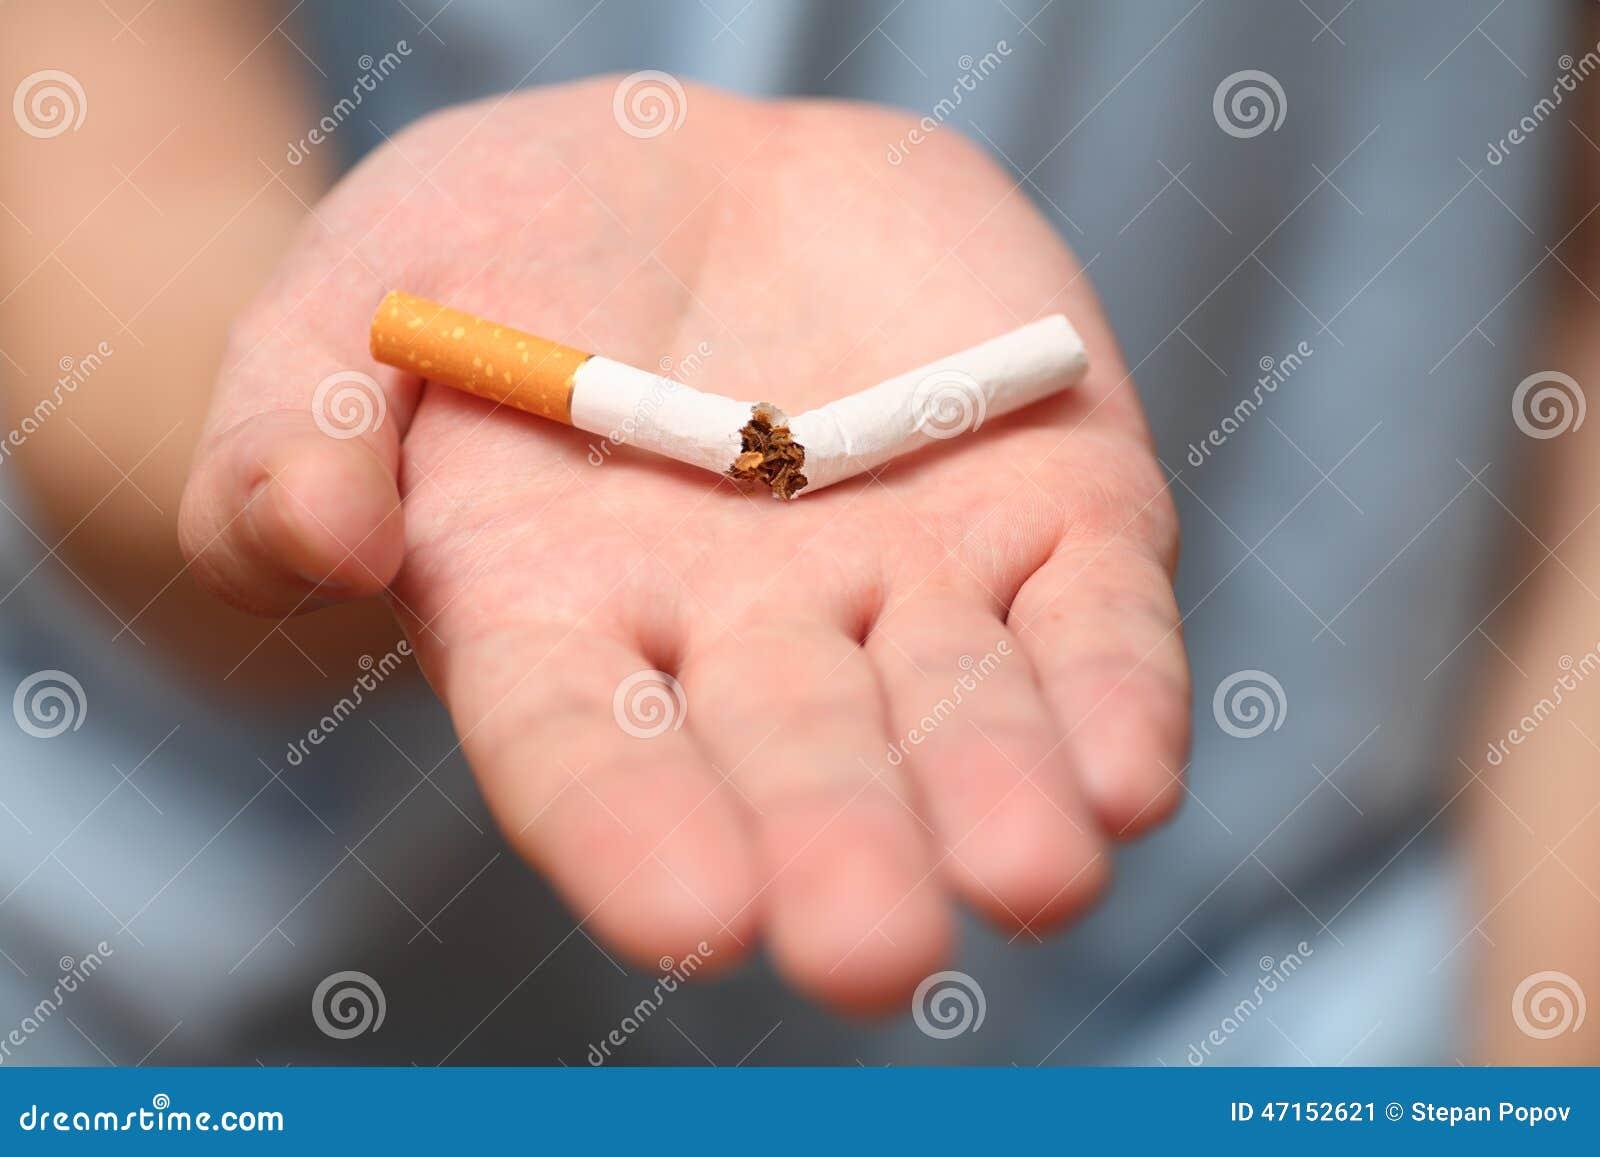 ¡Quit que fuma hoy!